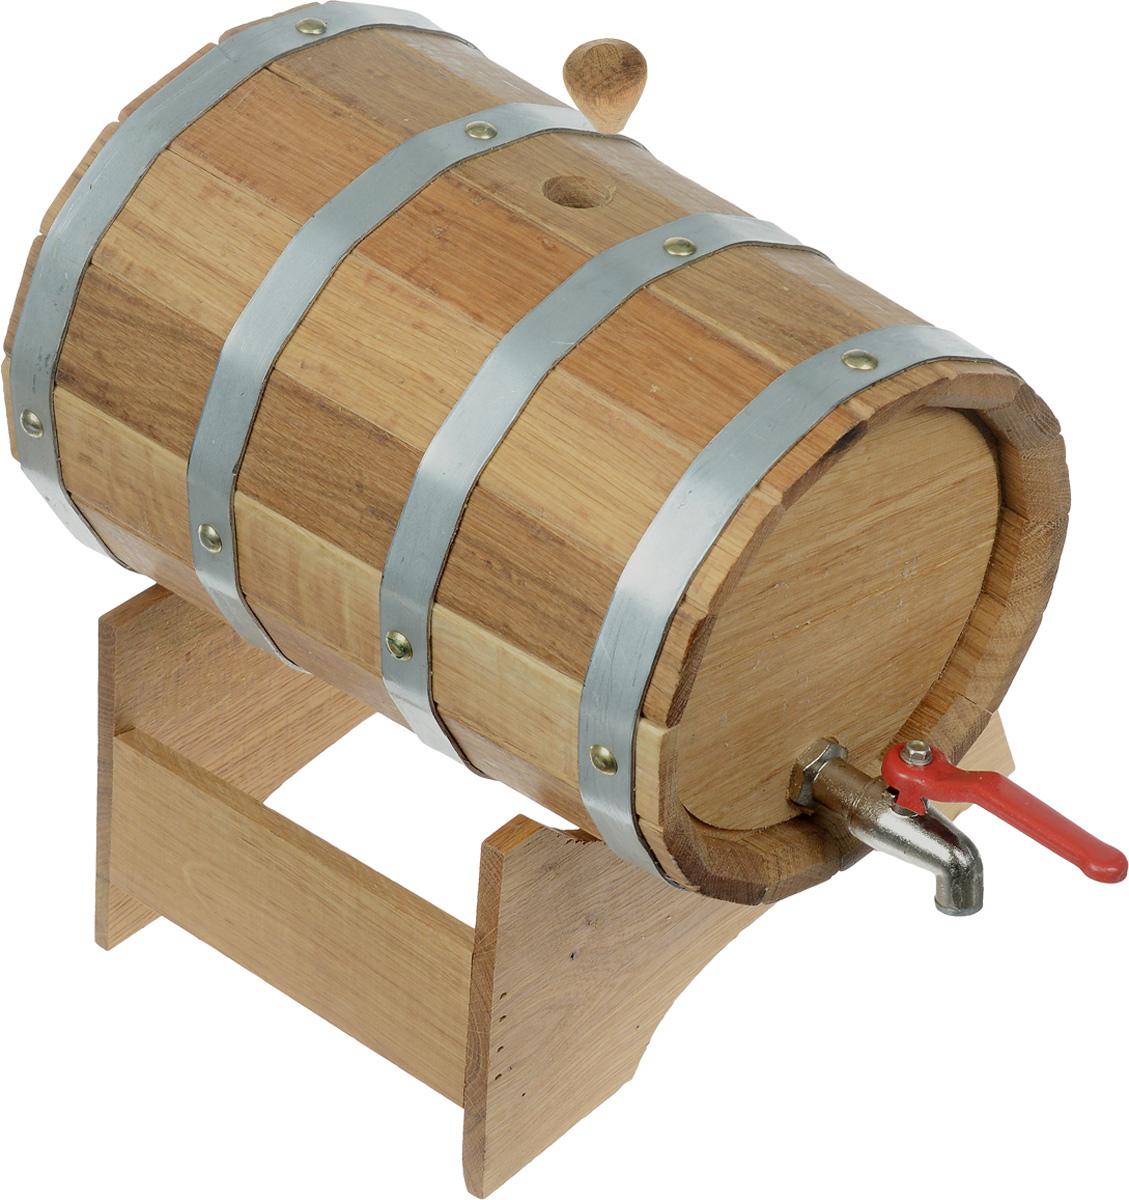 Бочонок для бани и сауны Proffi Sauna, на подставке, 5 л оздоровительная косметика proffi бальзам масло для суставов proffi sauna 100 мл